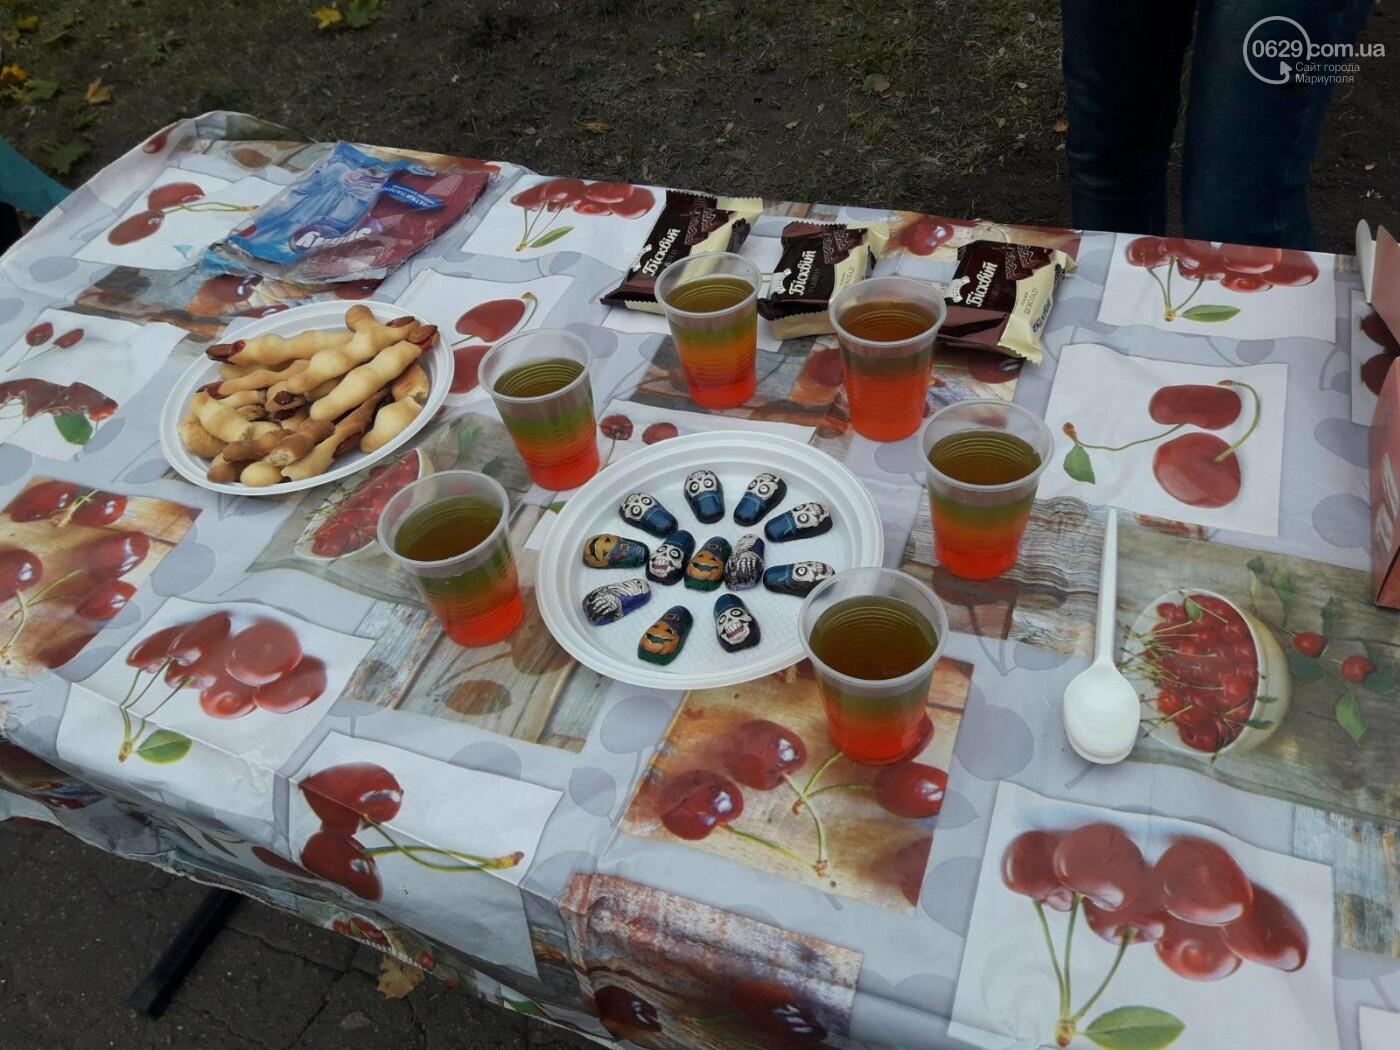 В мариупольской школе торгуют тыквами и сладостями,чтобы помочь Данилу Лысых, - ФОТО, фото-4